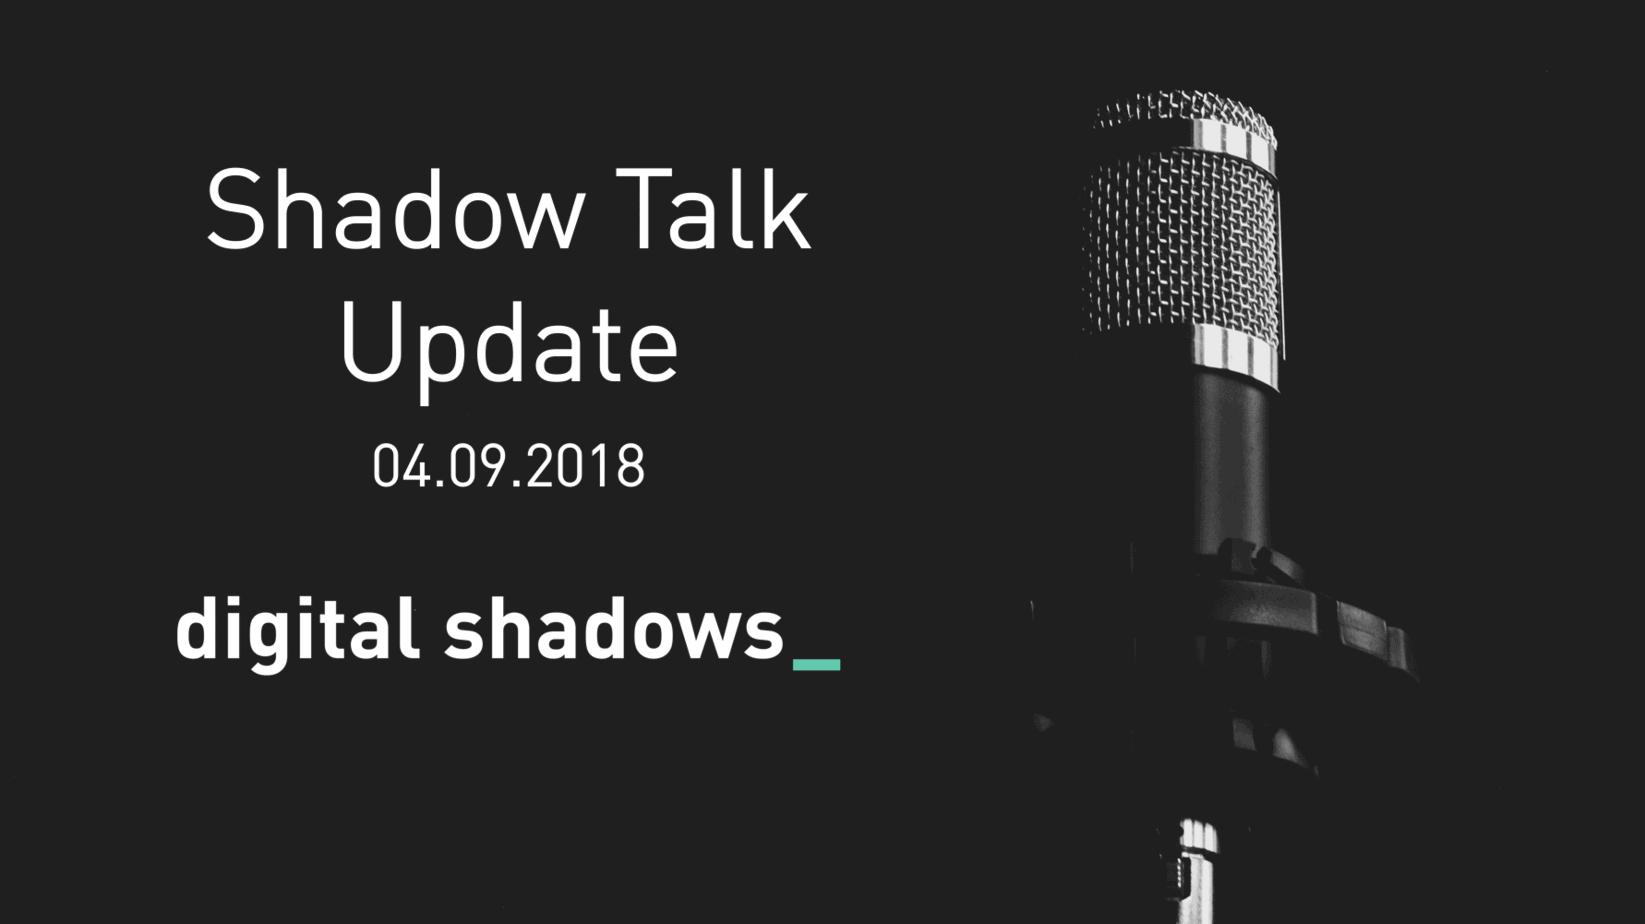 Shadow Talk Update – 04.09.2018